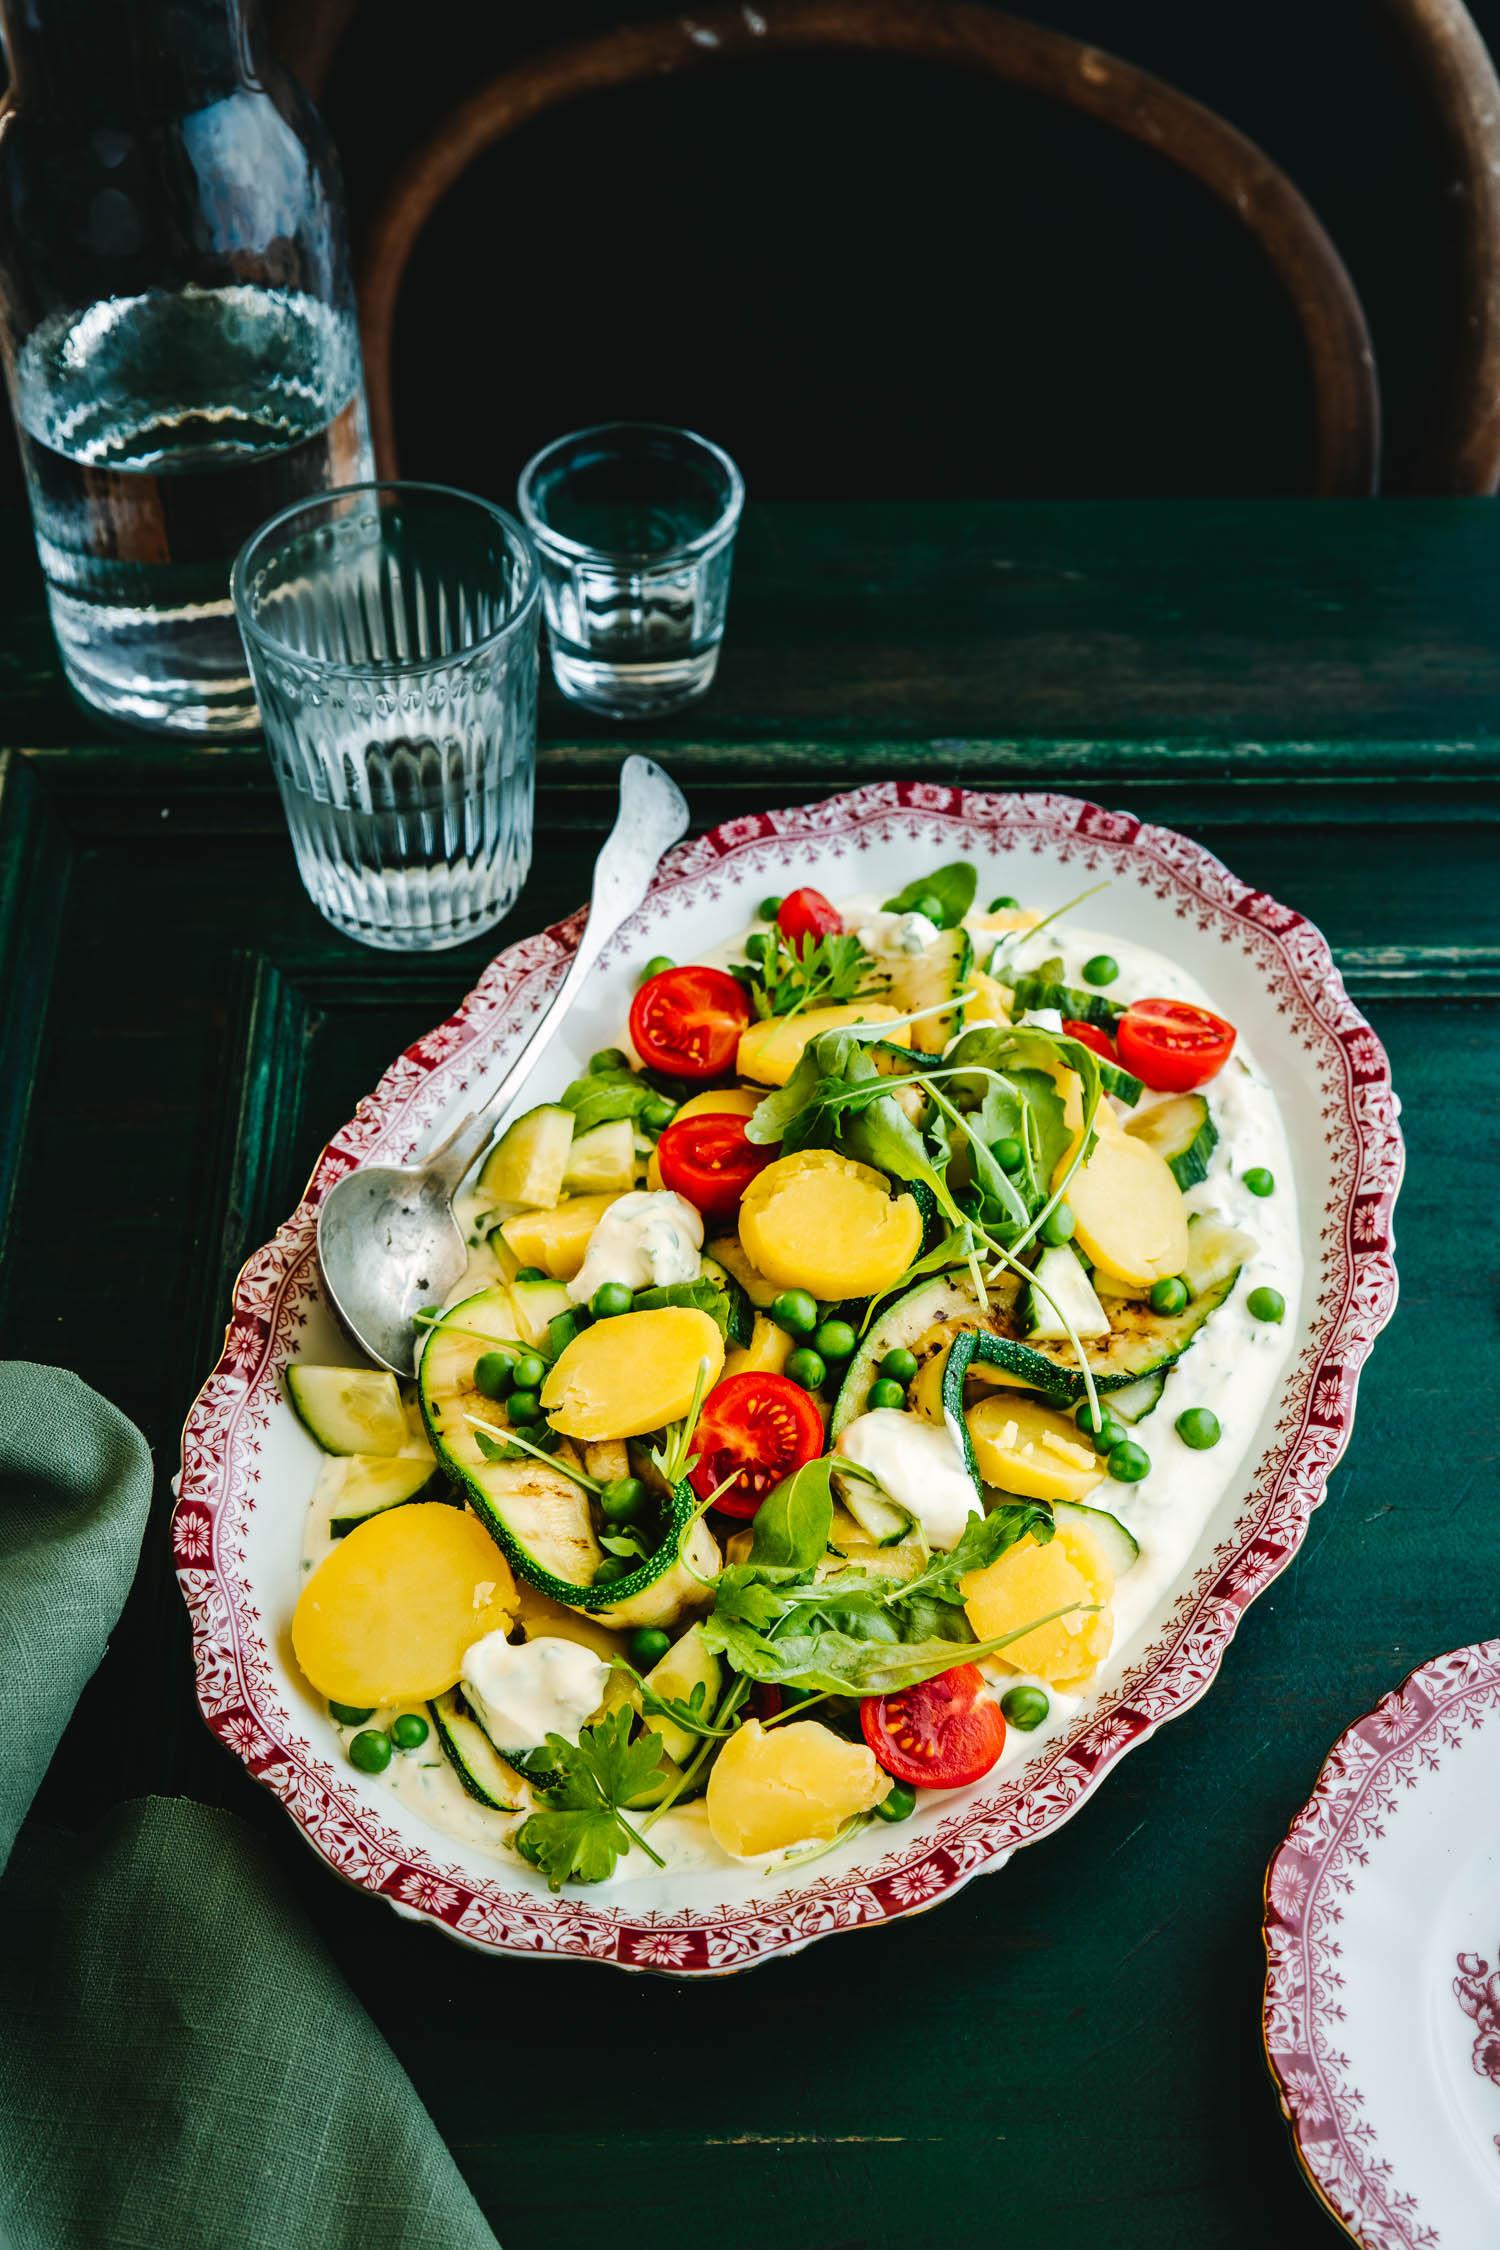 Kartoffelsalat auf grünem Untergrund mit Gläsern daneben